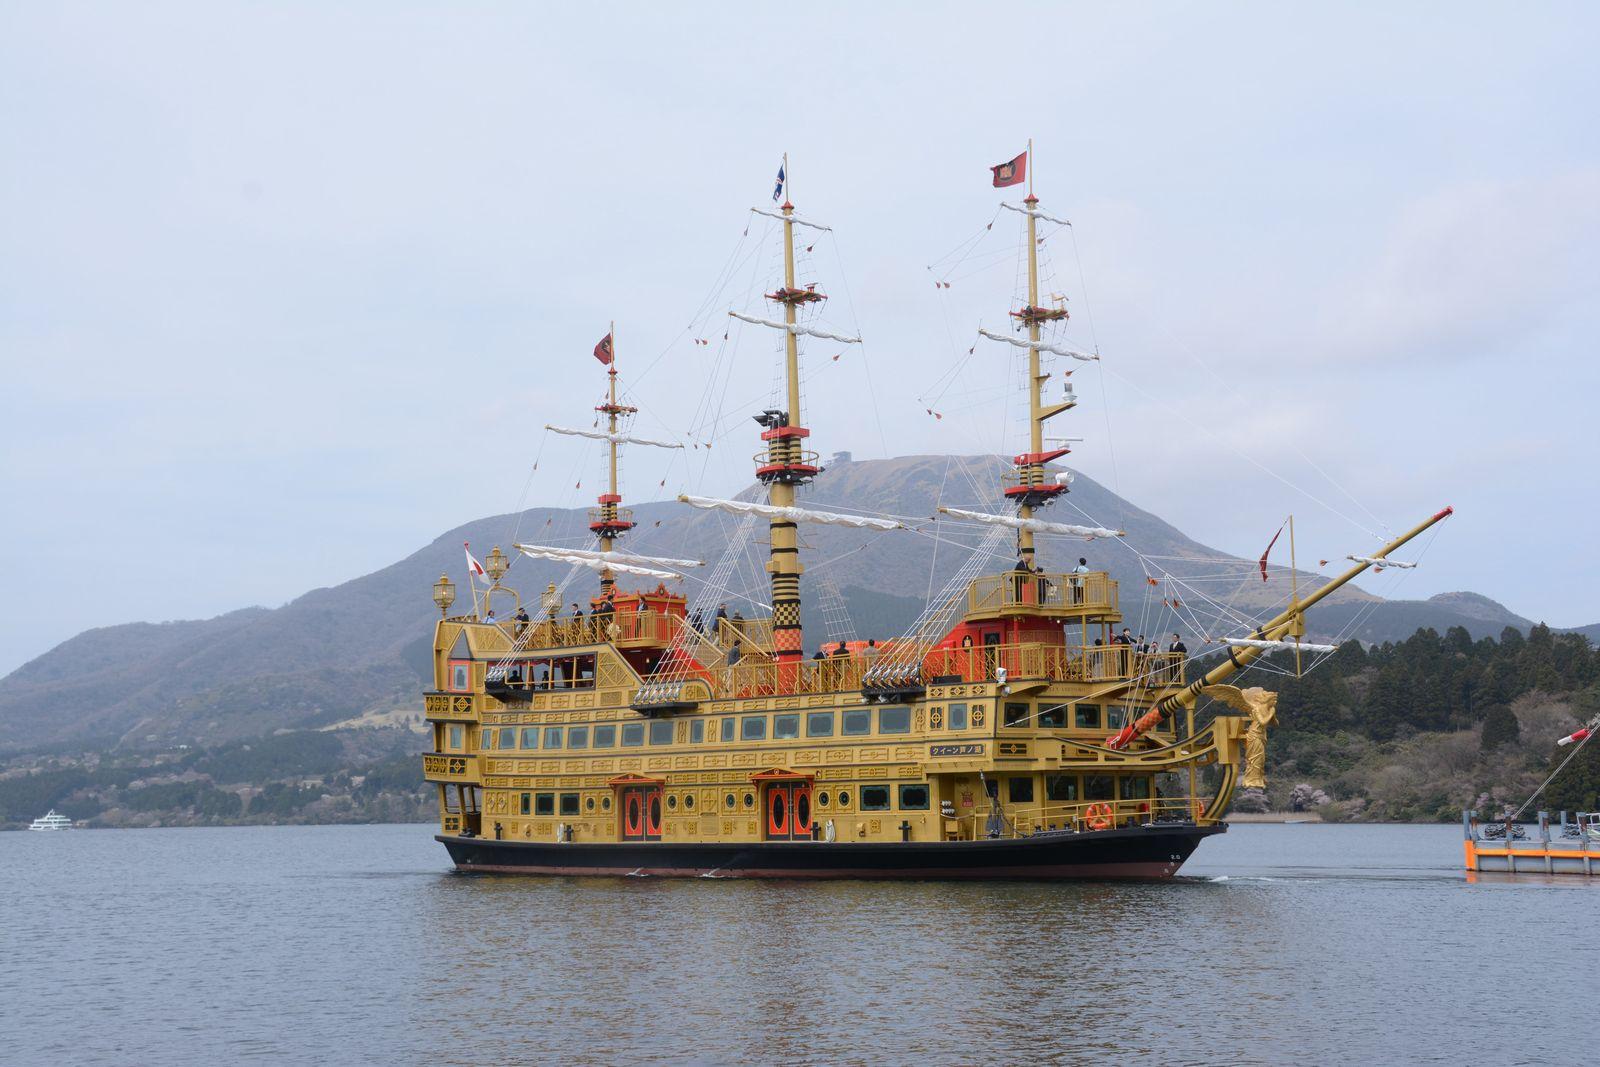 箱根芦ノ湖の新型海賊船とバラエティ豊かな鉄道乗り継ぎ旅